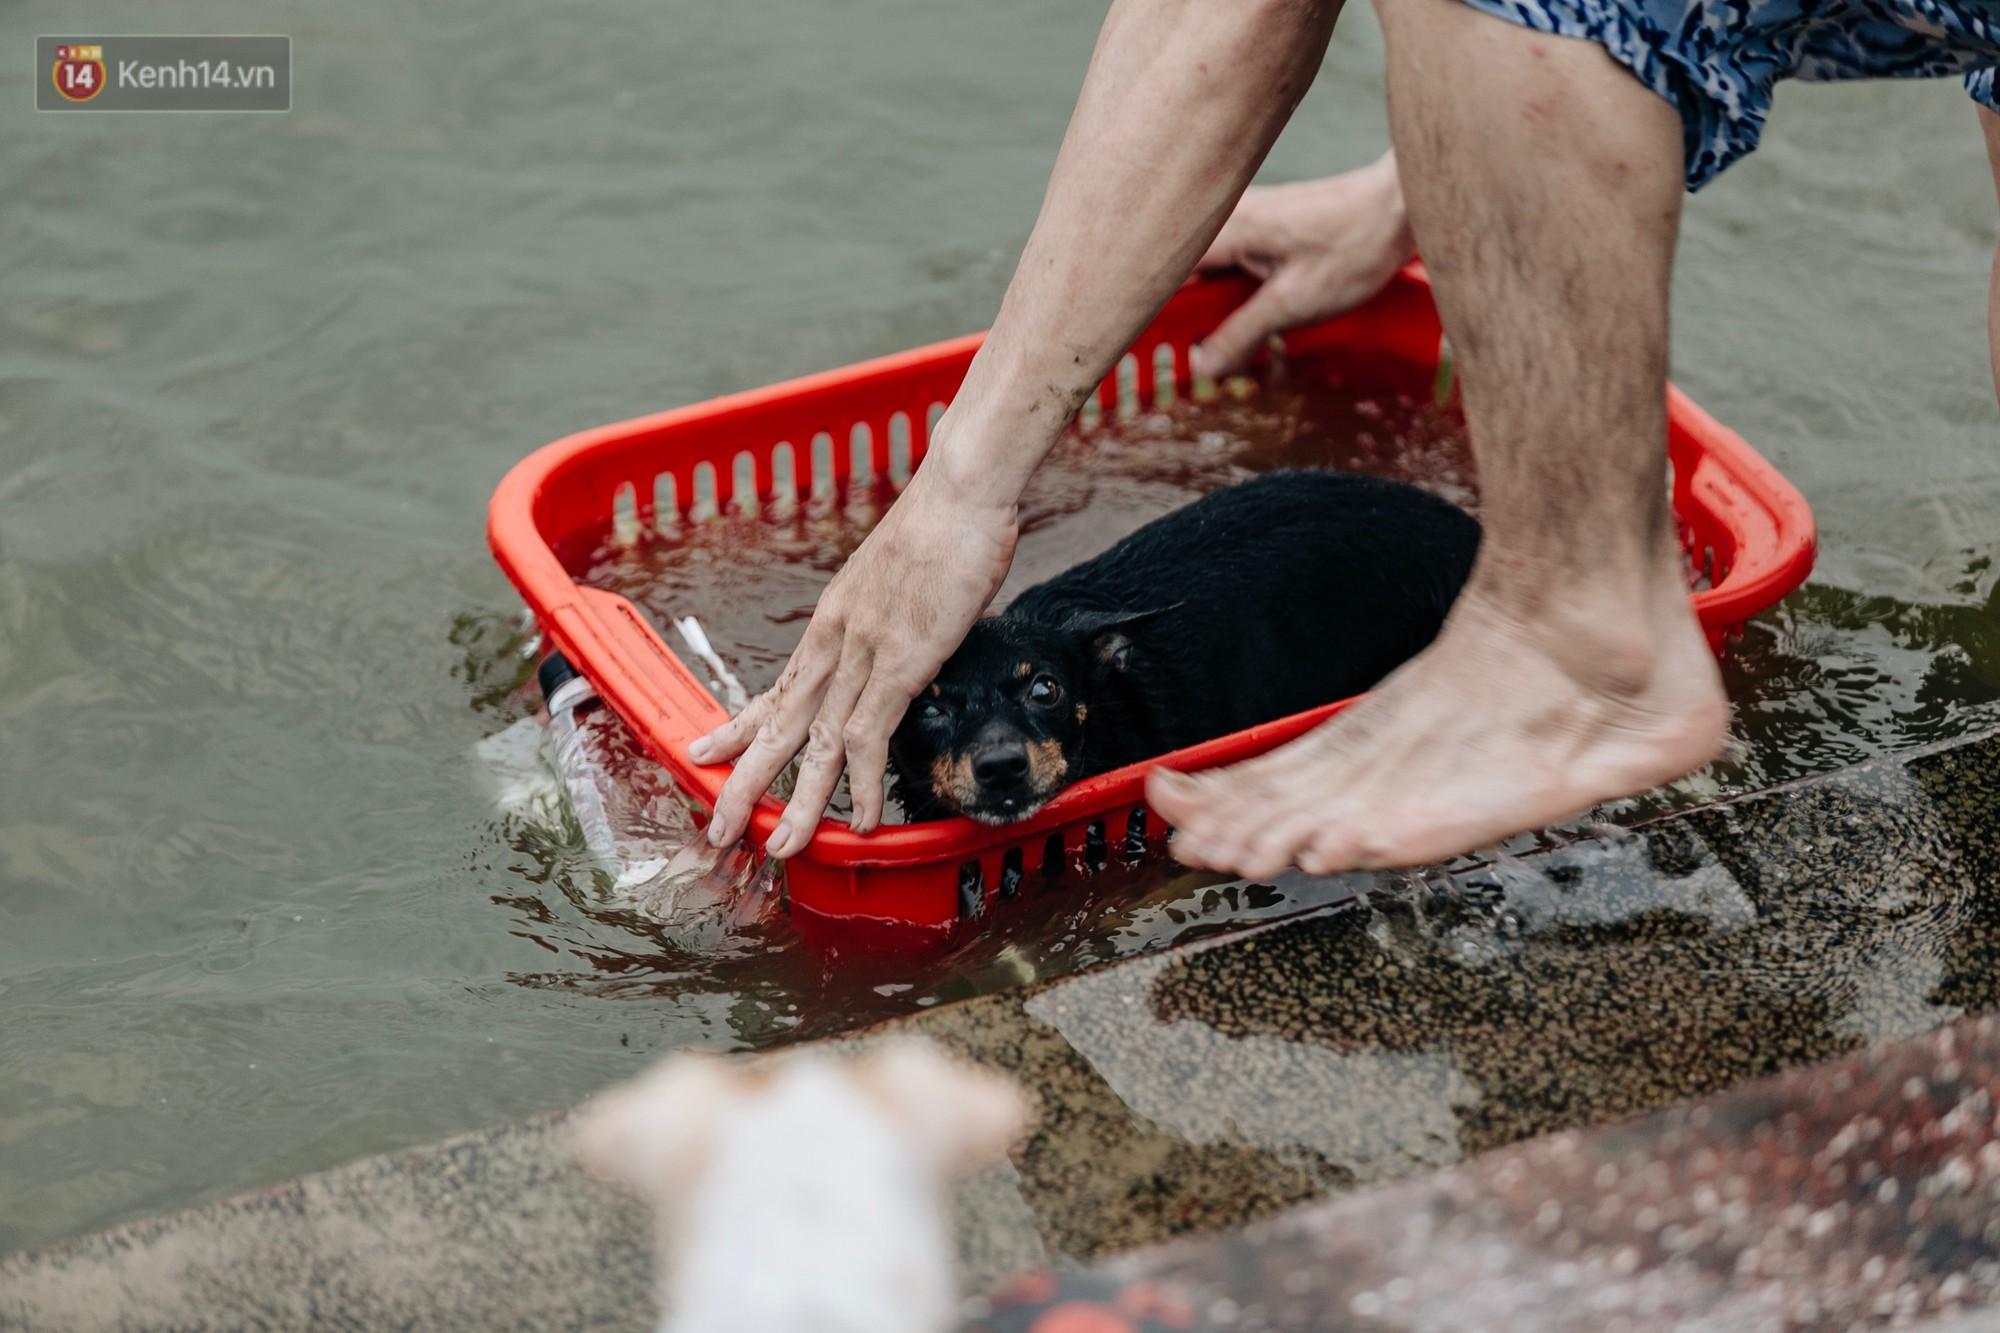 Hà Nội oi nóng ngộp thở, nhiều người mang theo cả thú cưng ra Hồ Tây tắm bất chấp biển cấm - 20